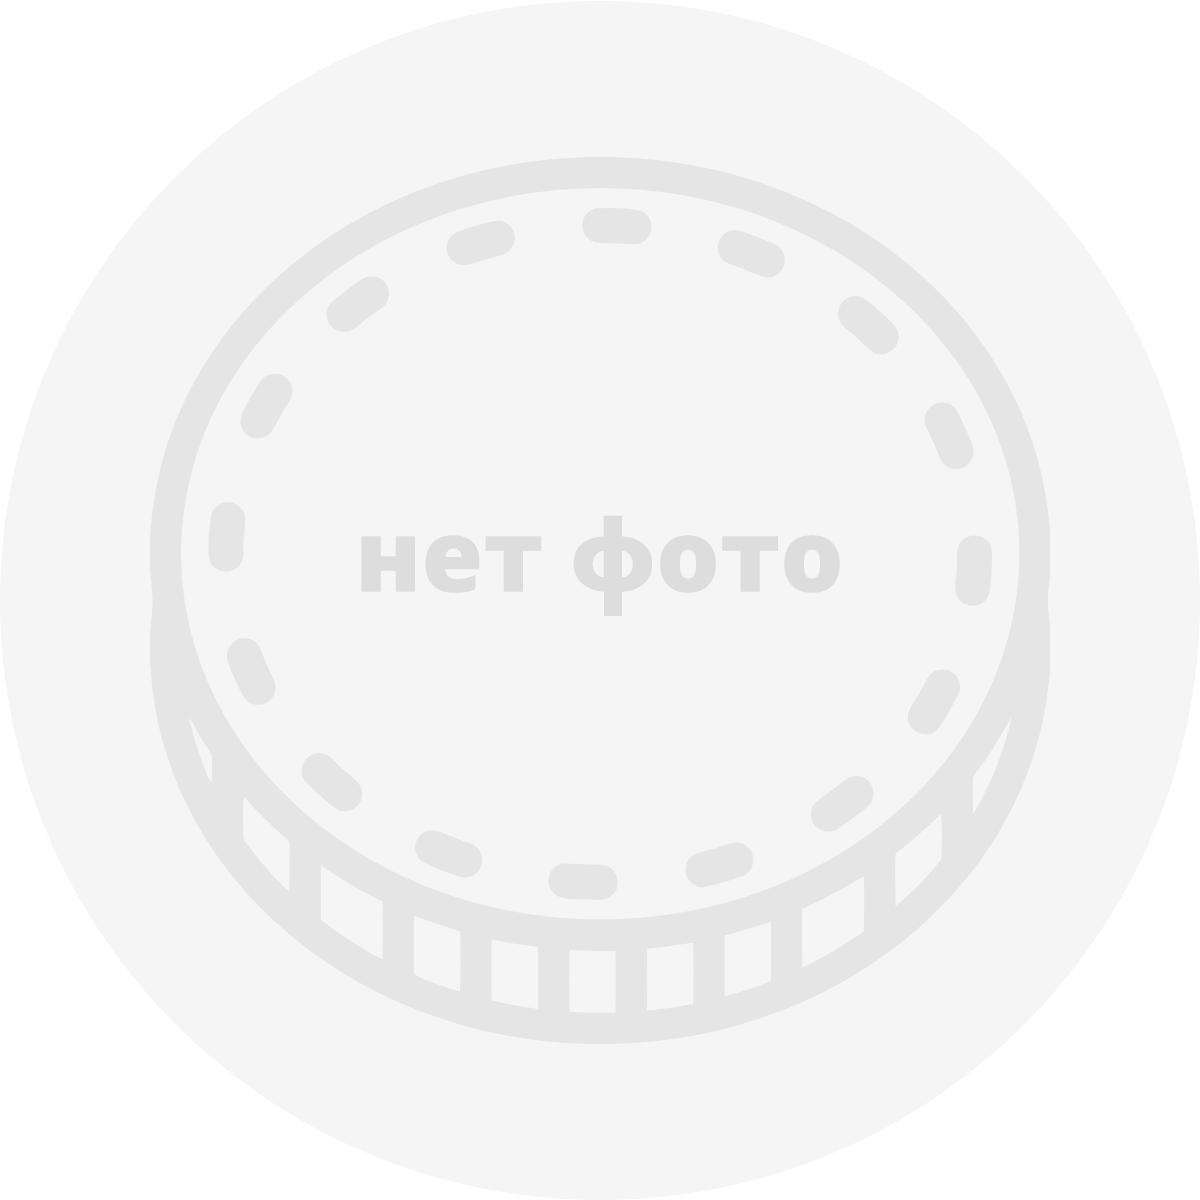 ЧСФР, 50 гелеров (1991 г.)